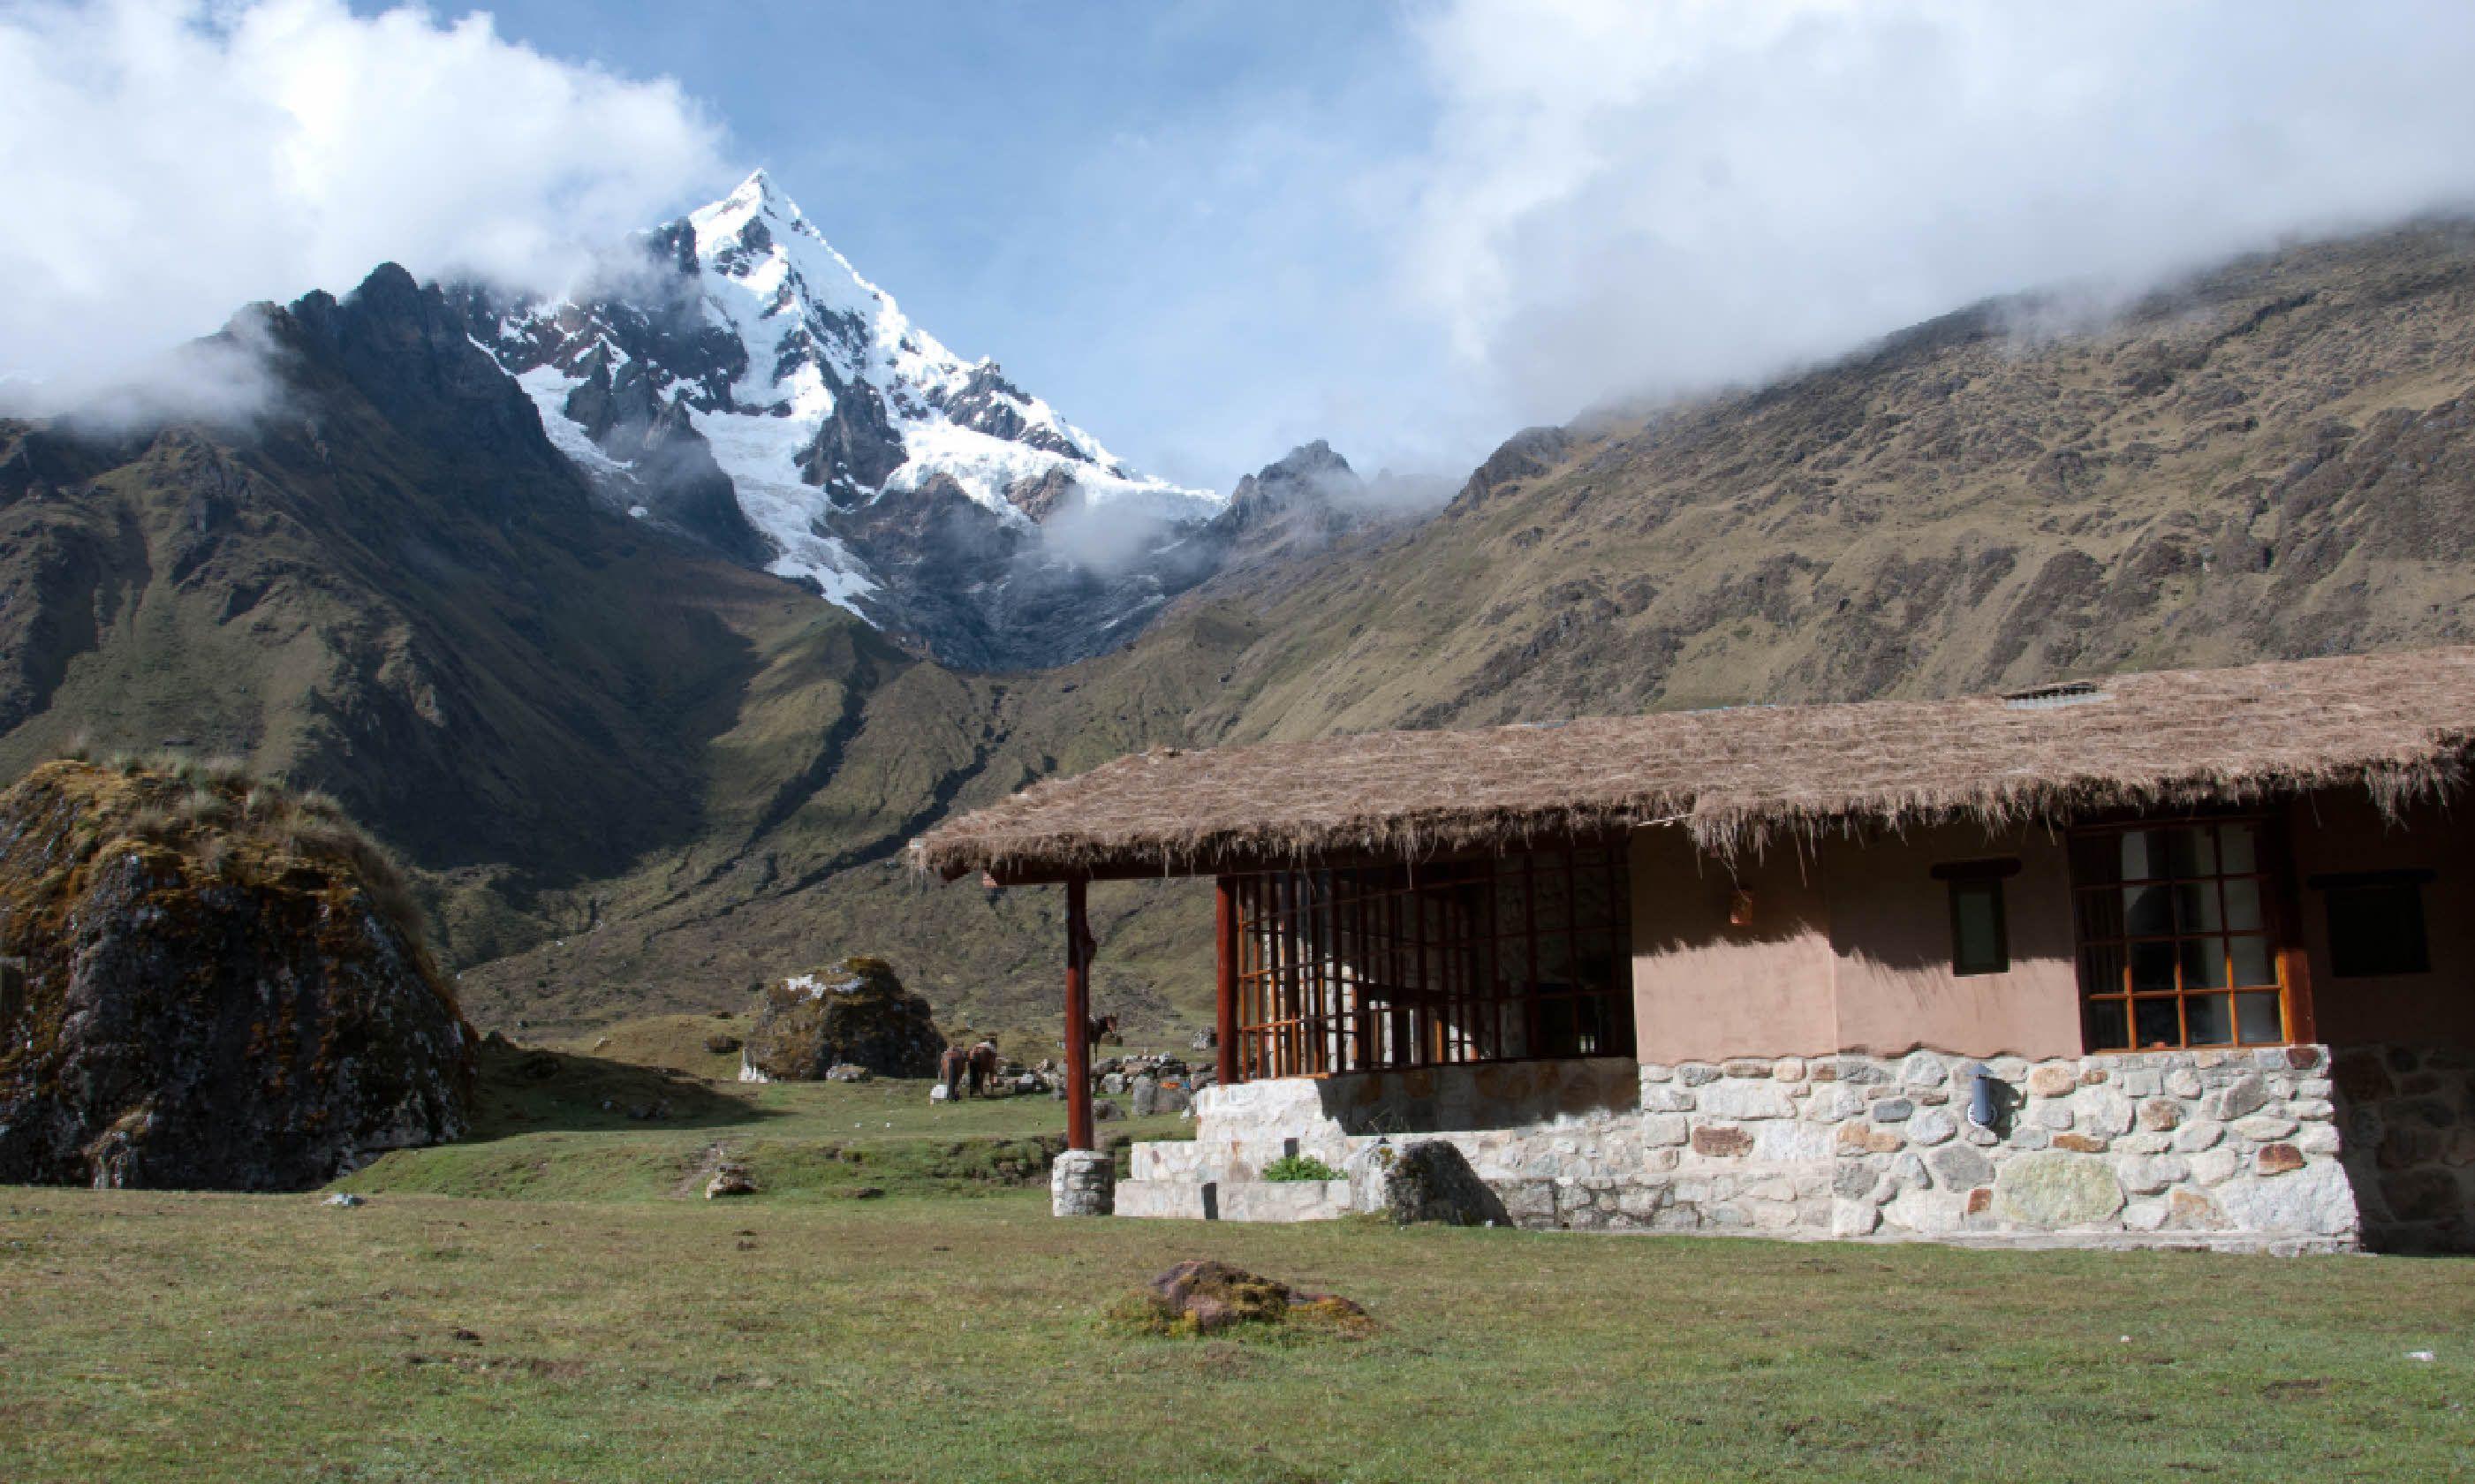 Mountain lodge in Peru (Simon Chubb)